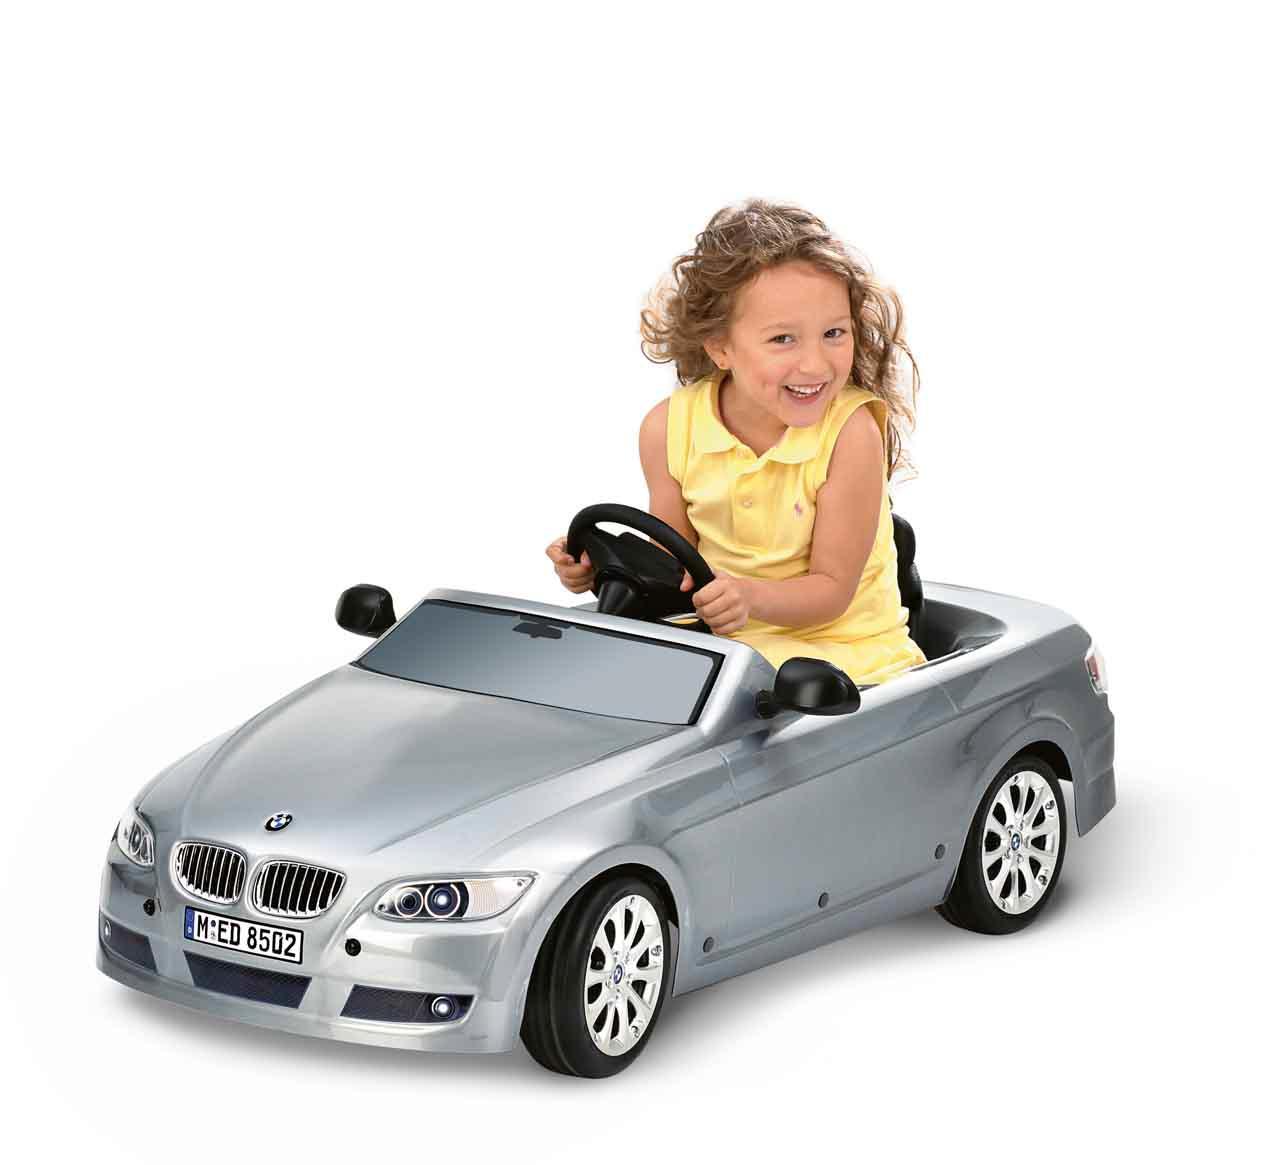 Девушки и BMW (78 фотографий) t - Сайт хорошего настроения 25